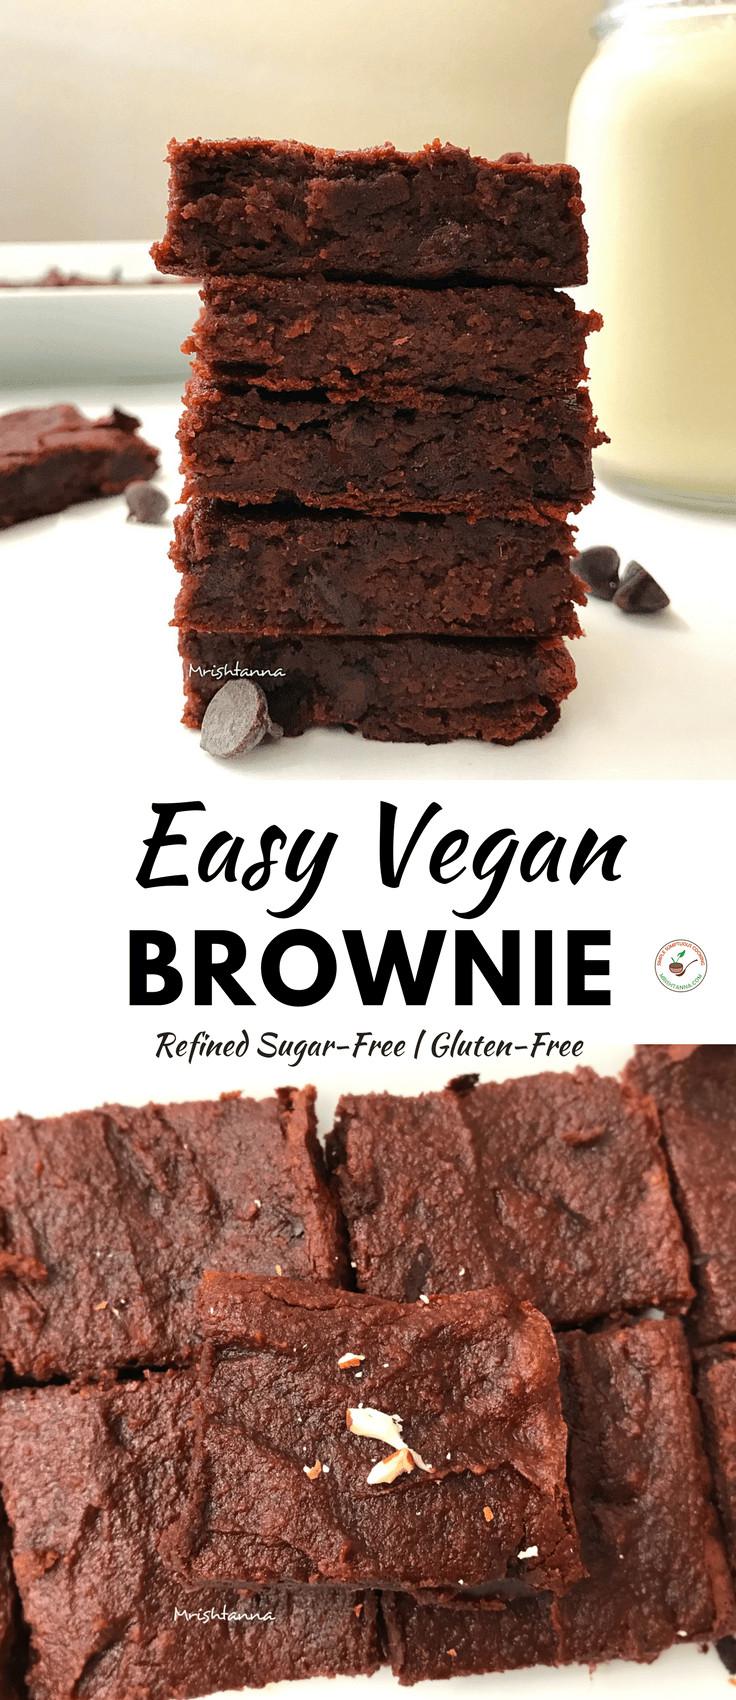 Easy Vegan Brownies Easy Vegan Brownie Simple Sumptuous Cooking